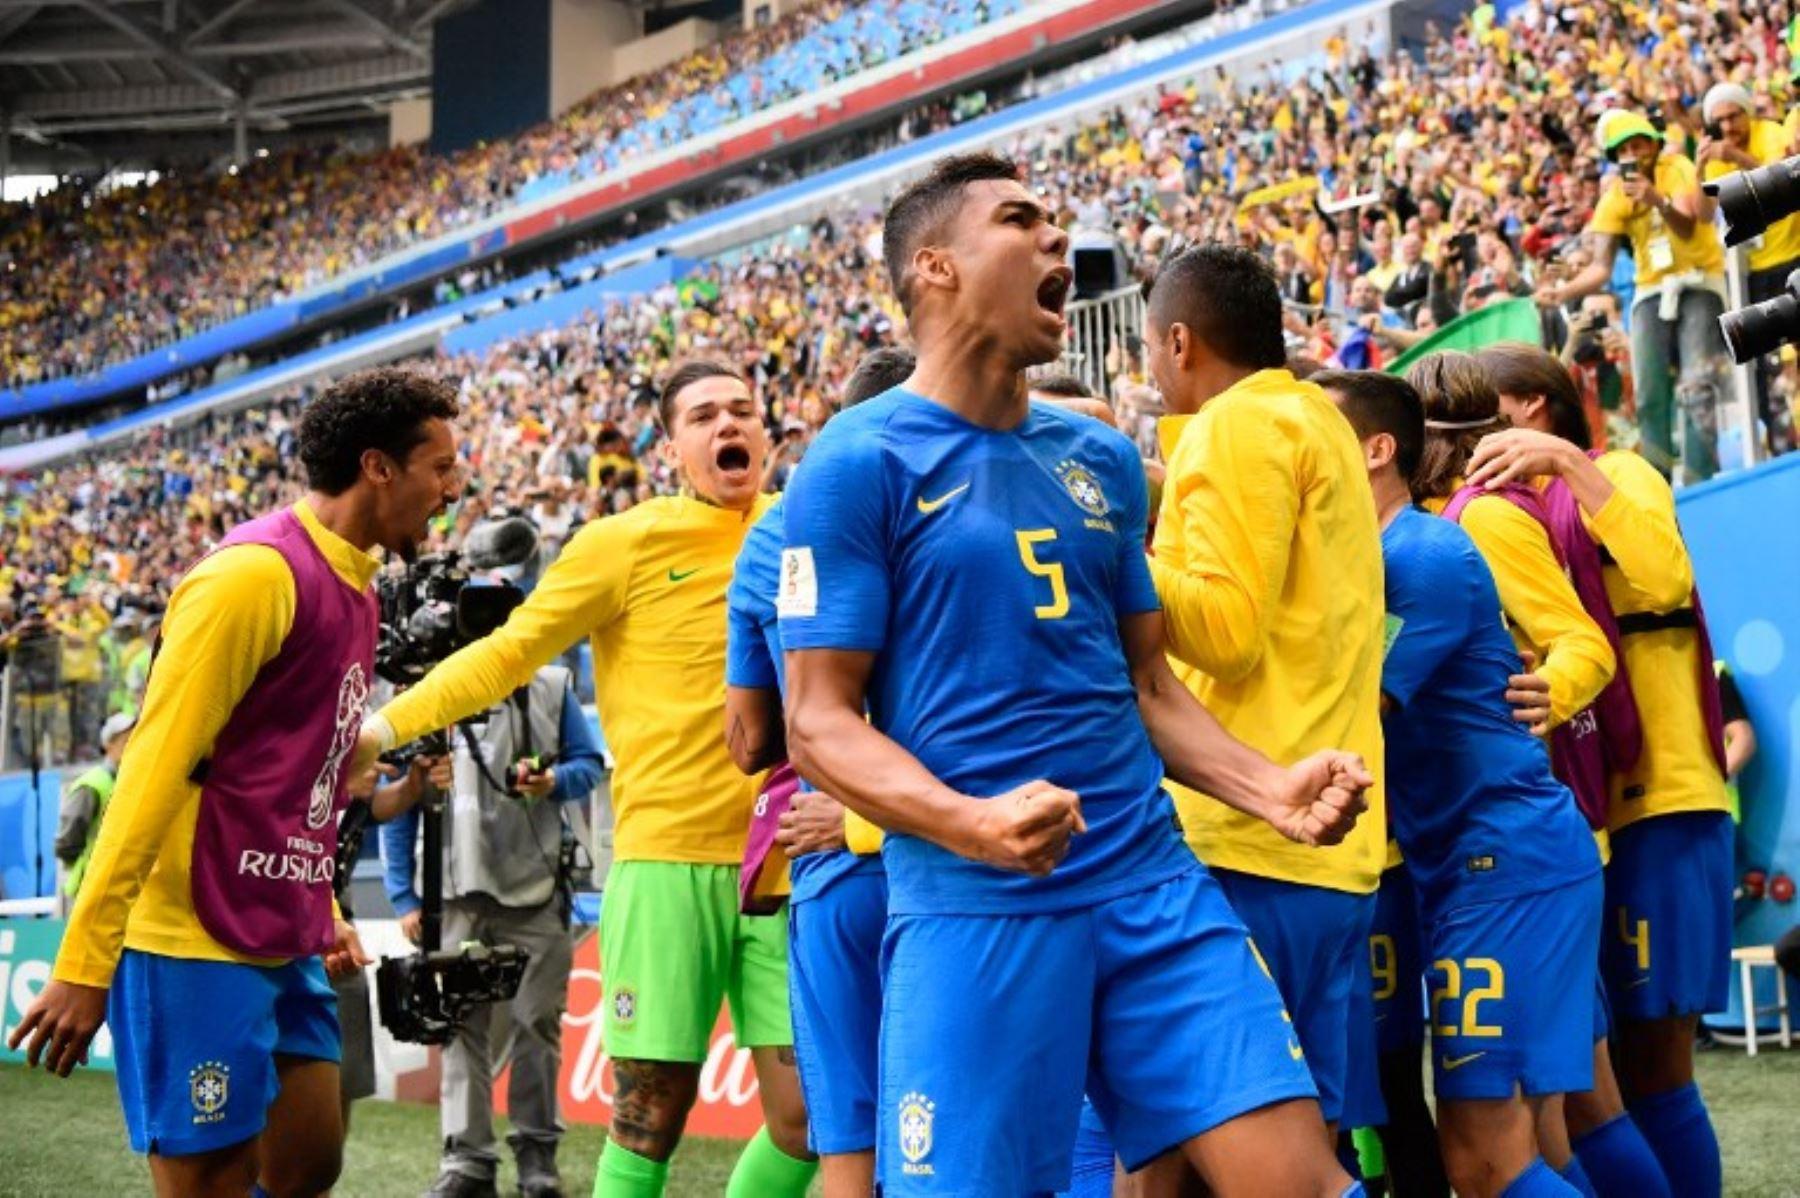 En descuentos Brasil elimina a Costa Rica 2-0